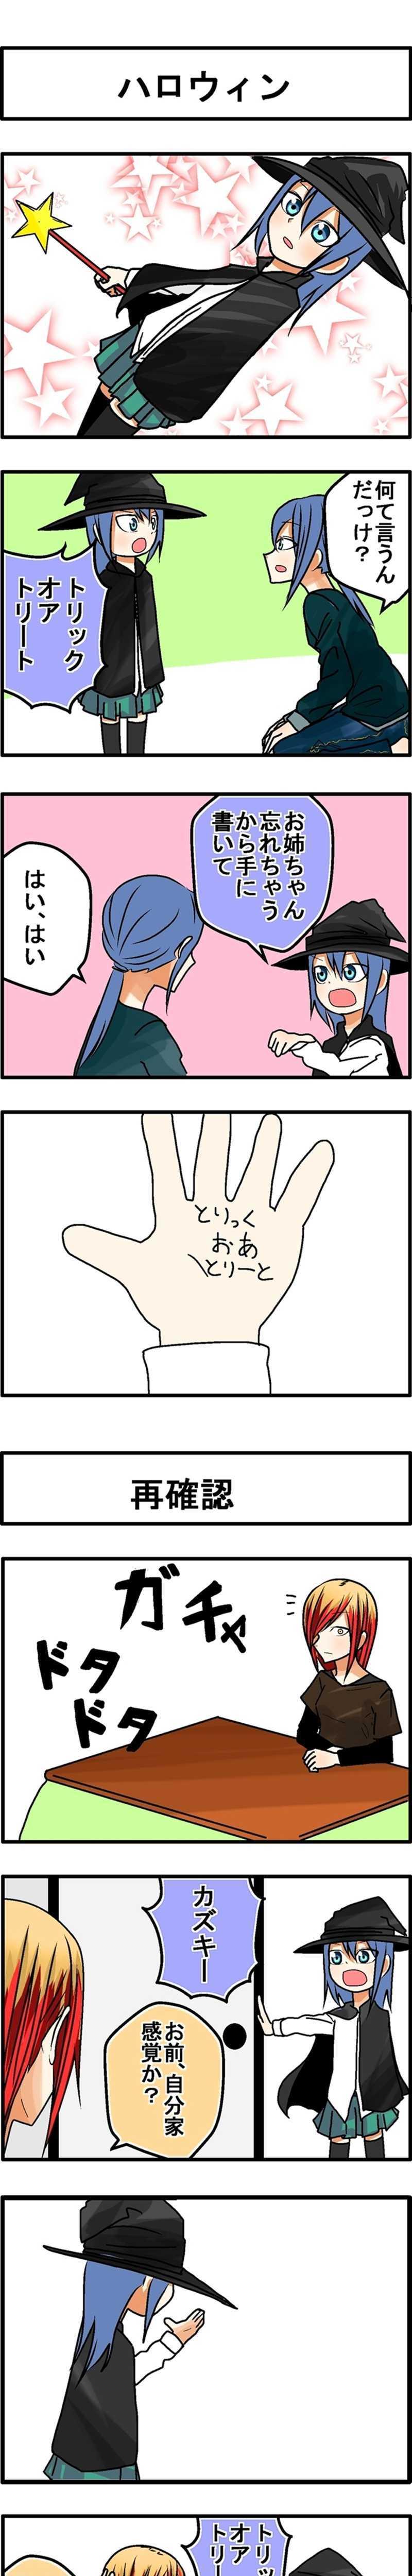 #14「ハロウィン」